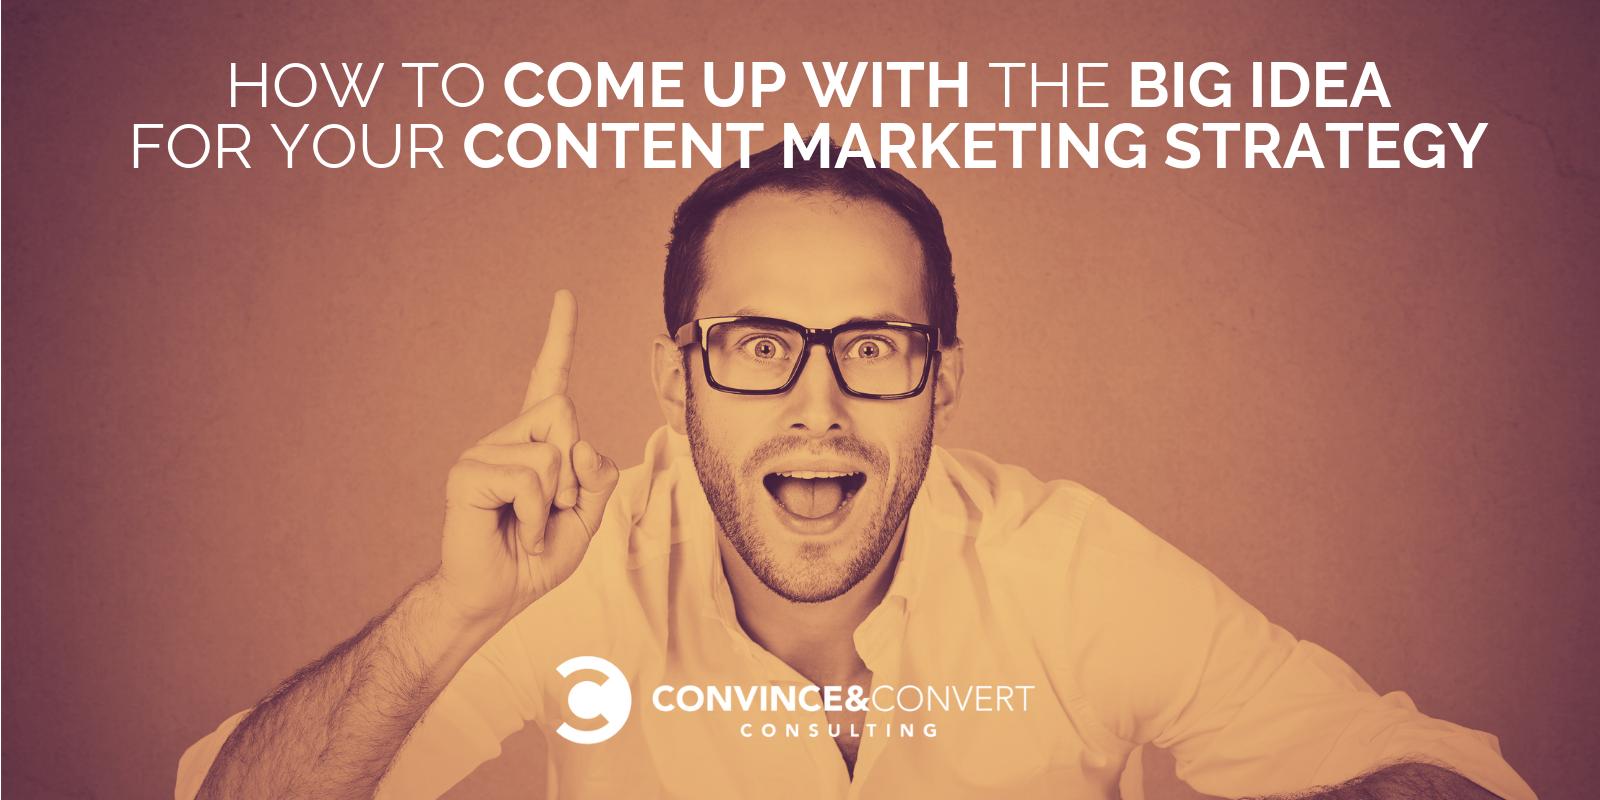 grande idea di marketing dei contenuti